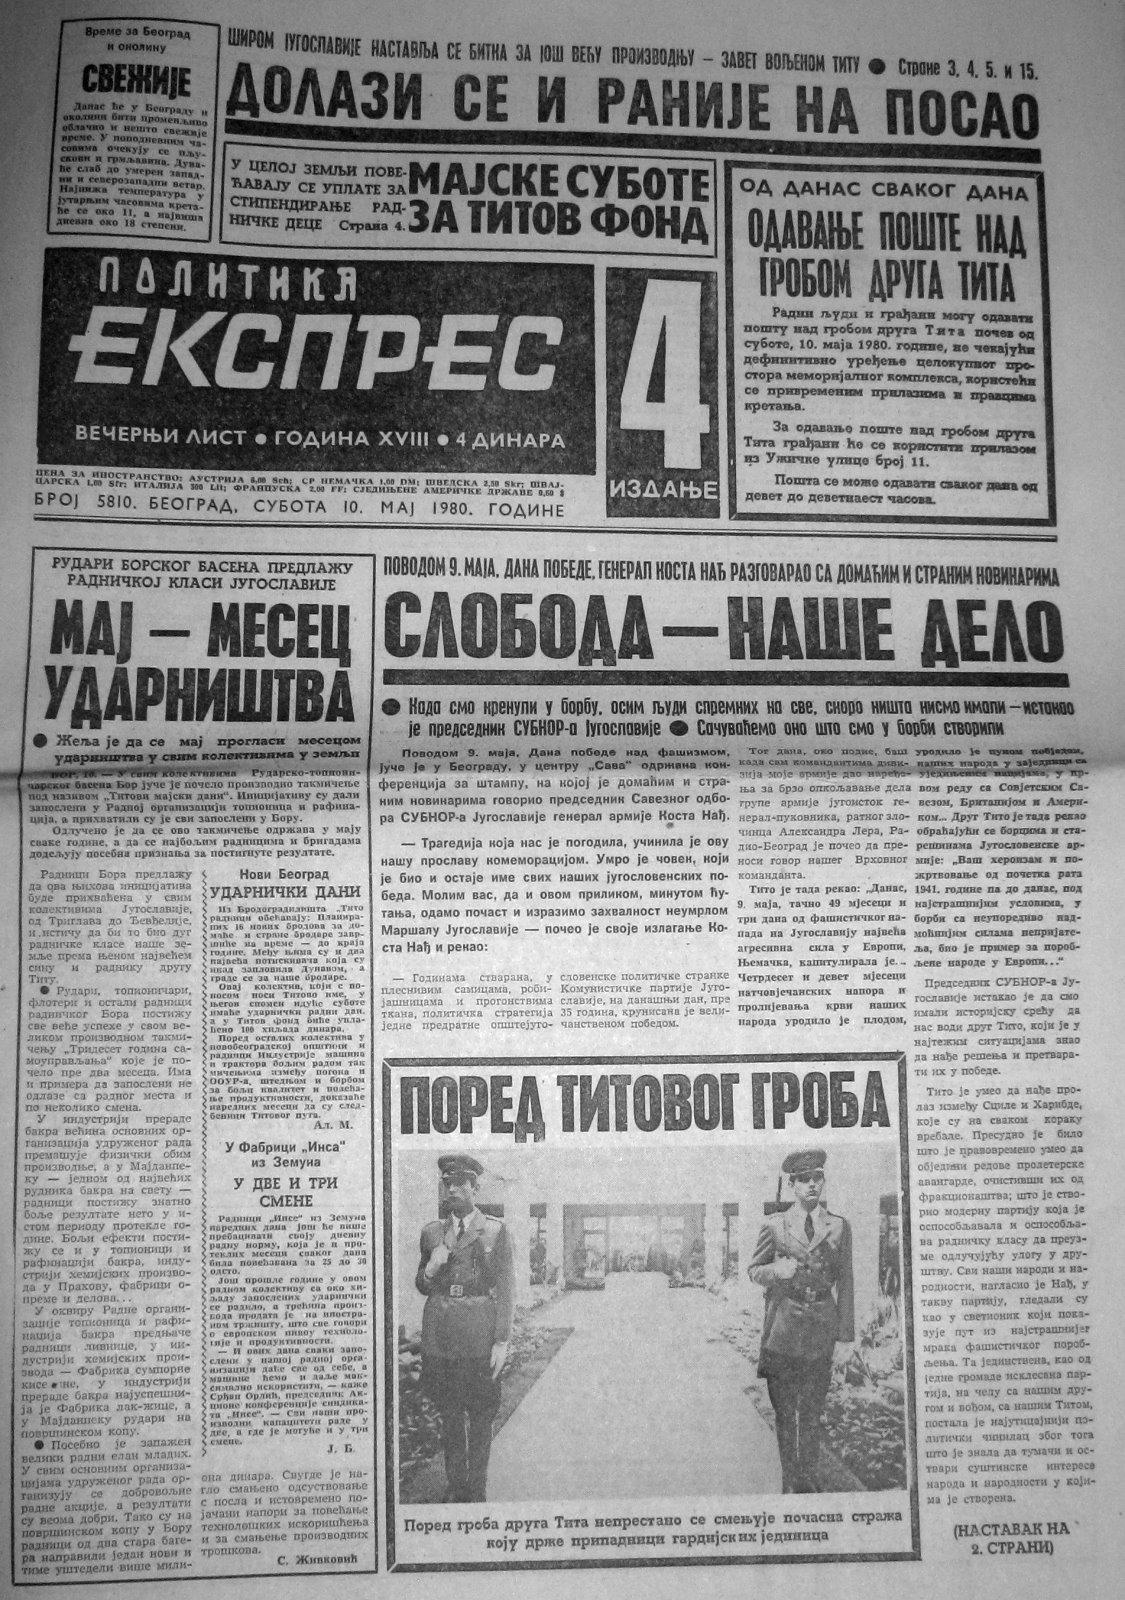 politika-ekspres-10-5-1980